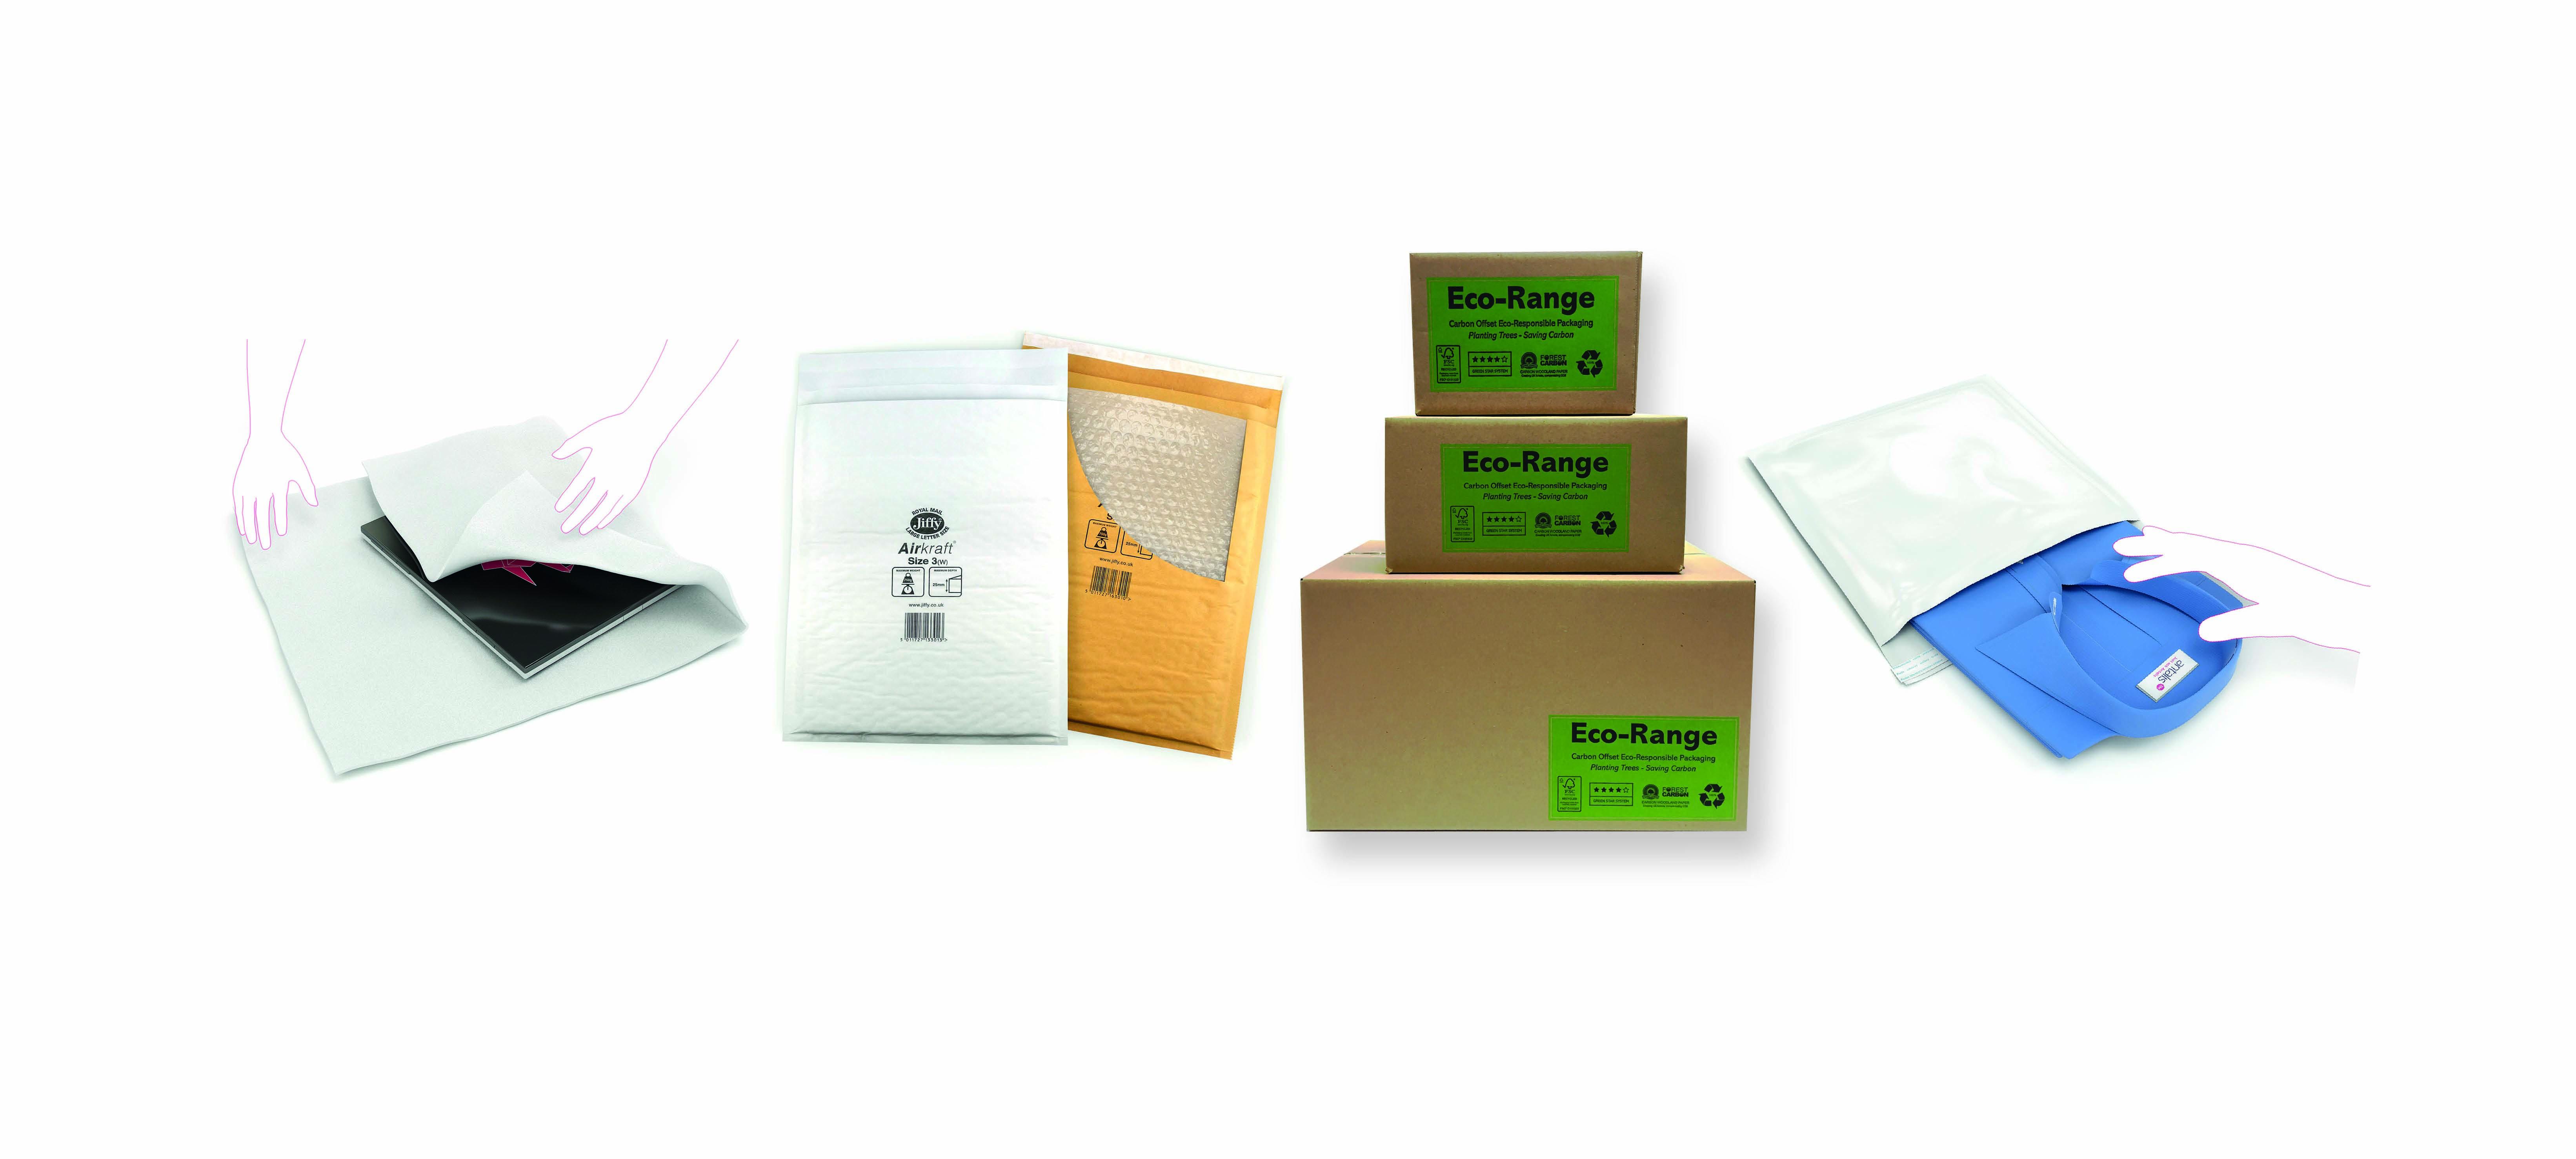 Lightweight_but_strong_packaging_solutions.jpg